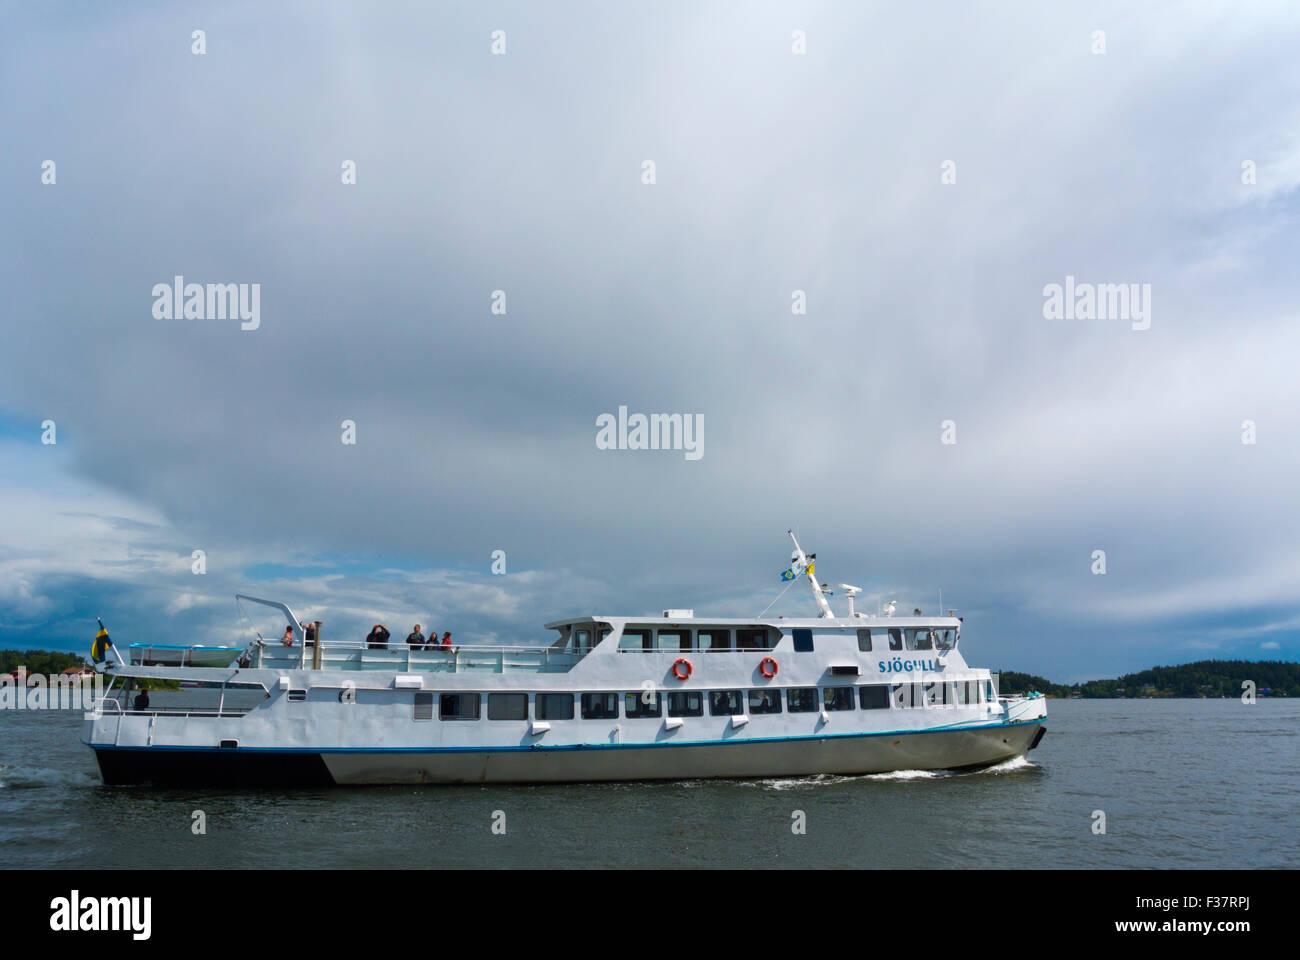 Fahrgastschiff, Stockholmer Schären in Vaxholm, in der Nähe von Stockholm, Schweden Stockfoto